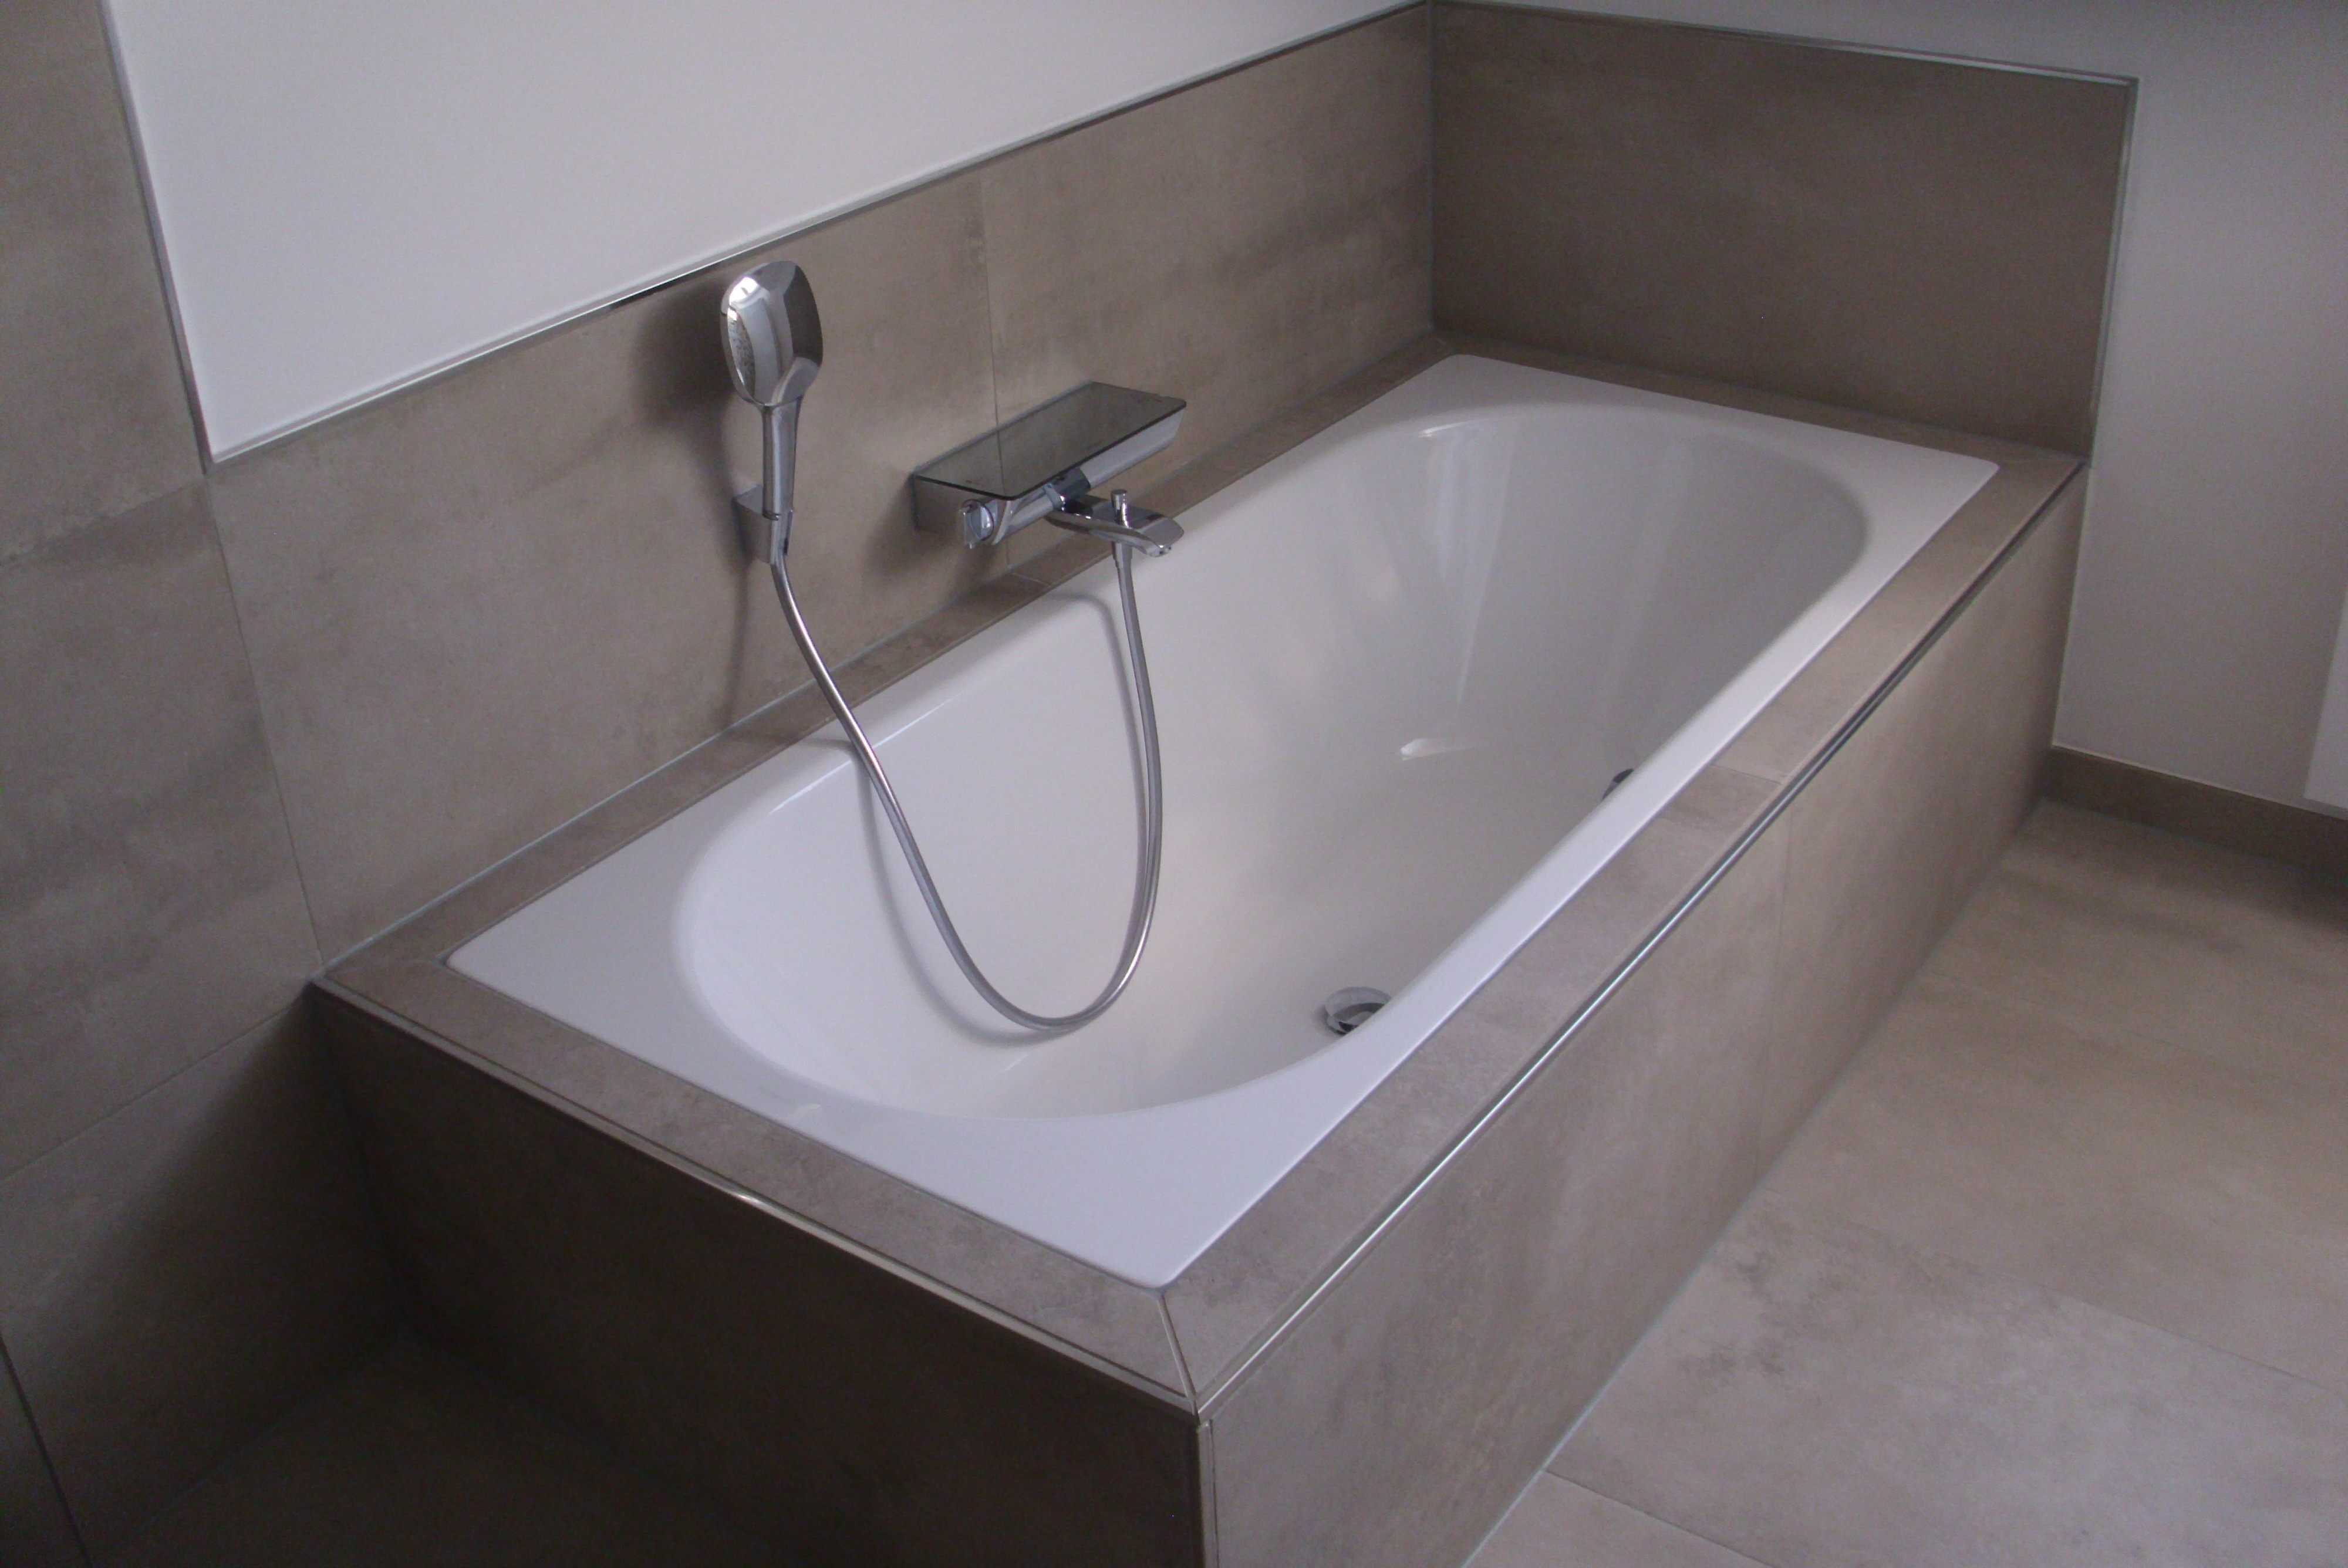 Fliesen badewanne duschwand f r badewannen sch n syunpuu duschwand fur - Duschwand fur die badewanne ...